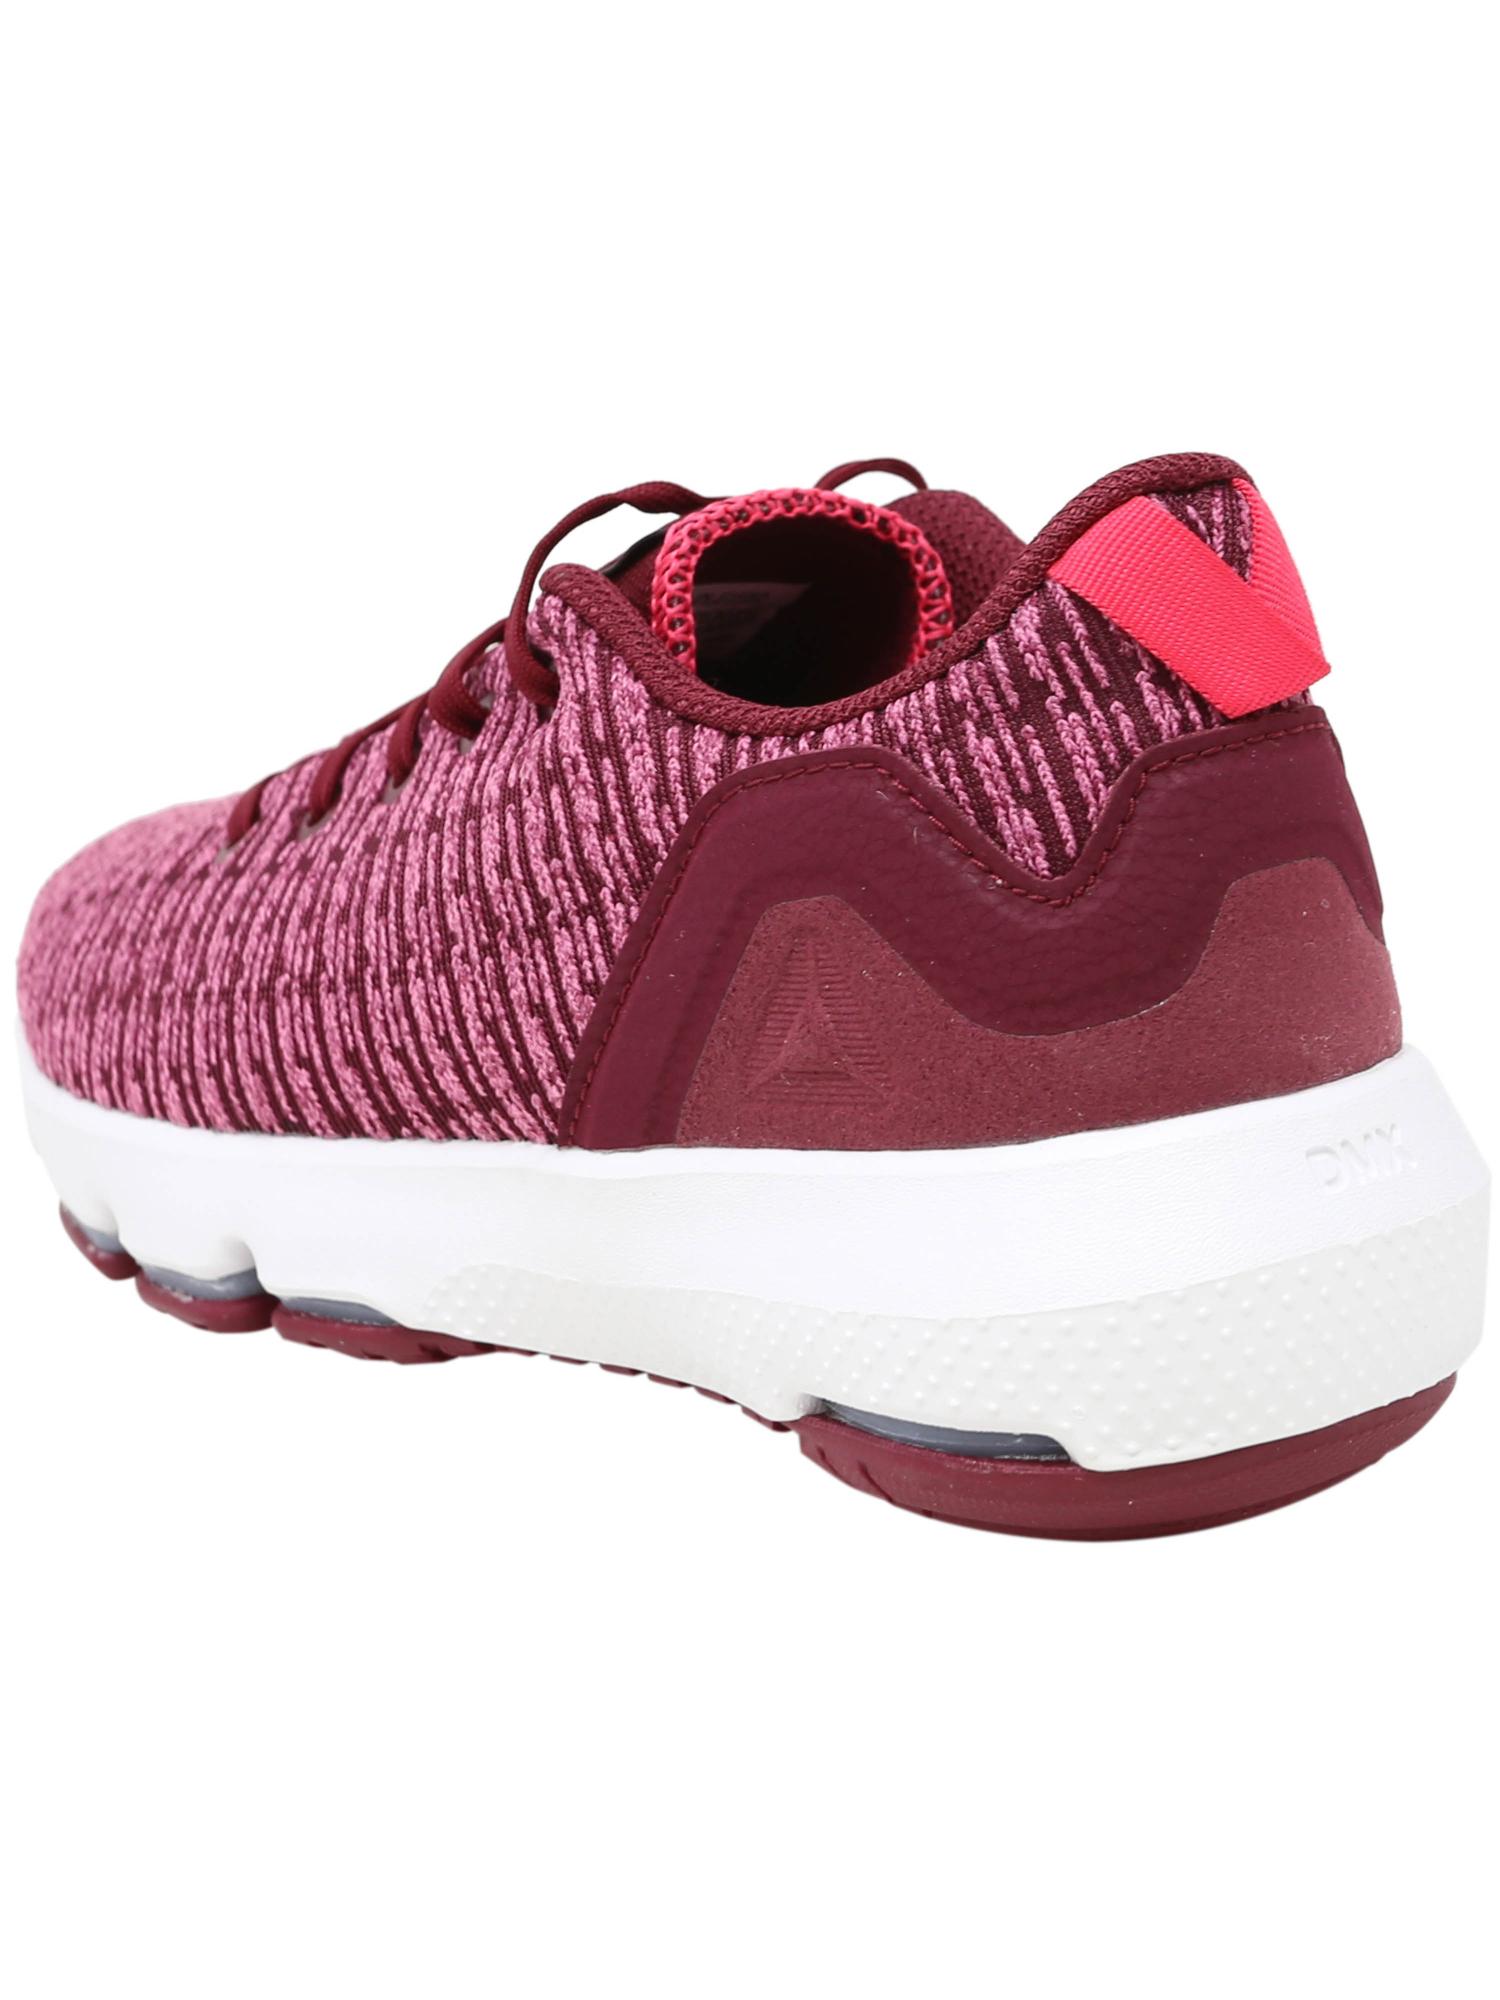 Reebok-Women-039-s-Cloudride-Dmx-3-0-Ankle-High-Walking-Shoe thumbnail 5